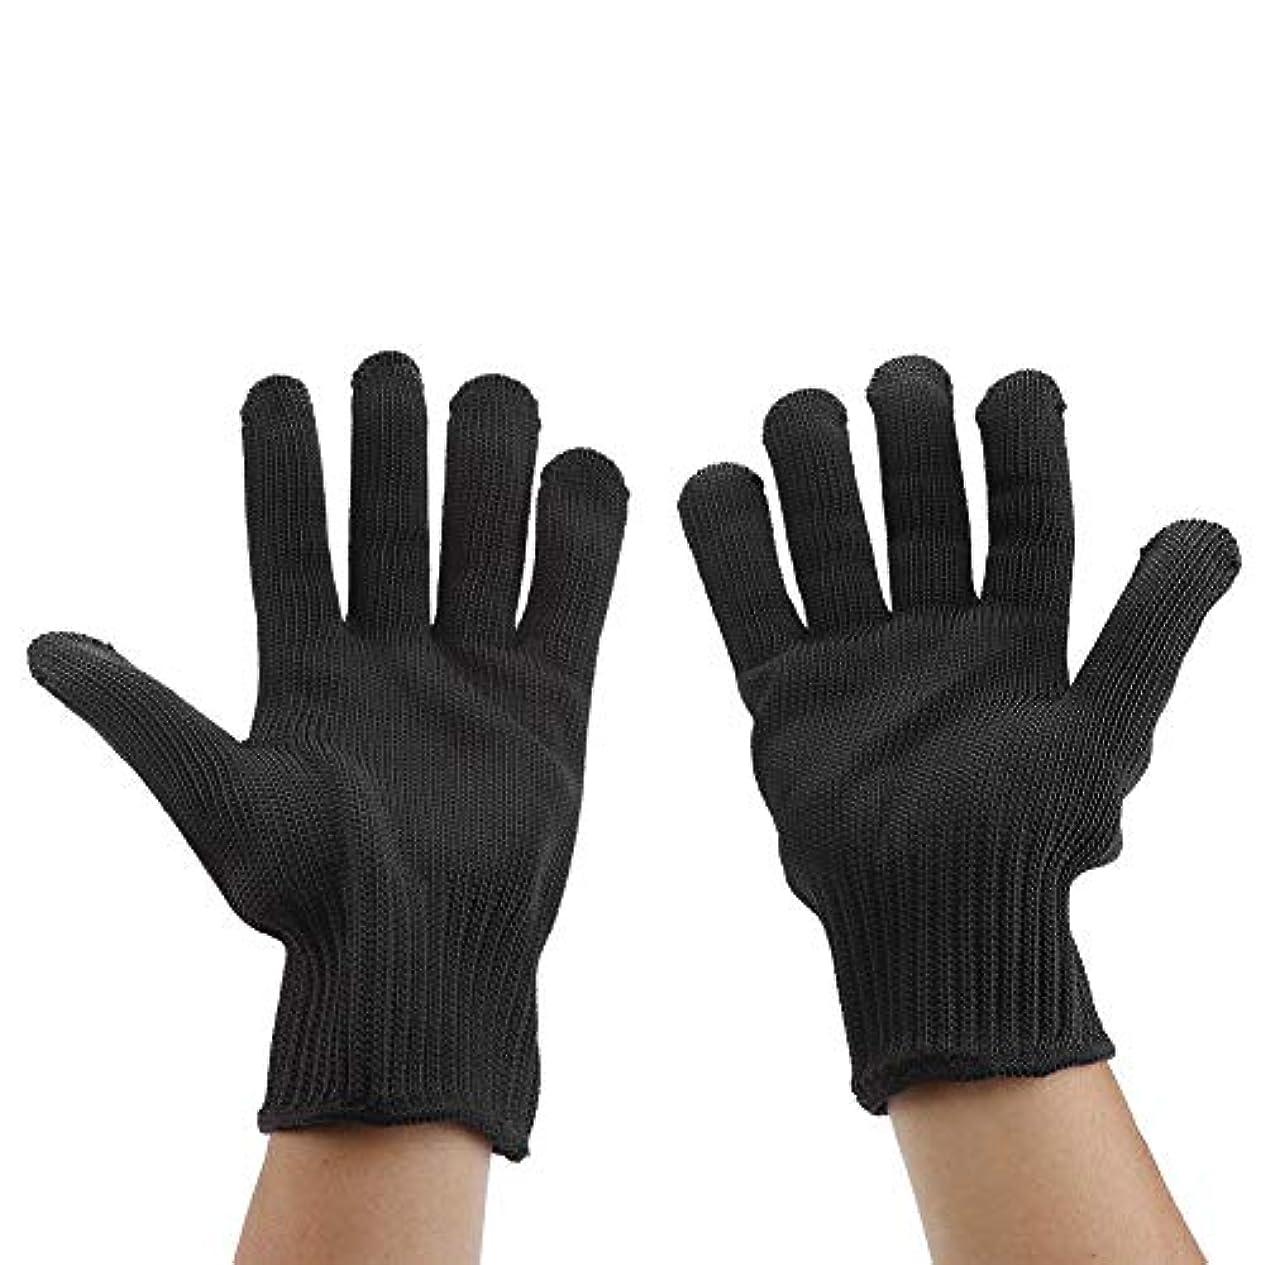 手首トリップ不愉快にカット耐性手袋、食品等級レベル5保護、台所用安全性カット手袋、マンドリンスライス、魚切り身、オイスターシャック、肉切りと木彫り(1ペア)(#3)